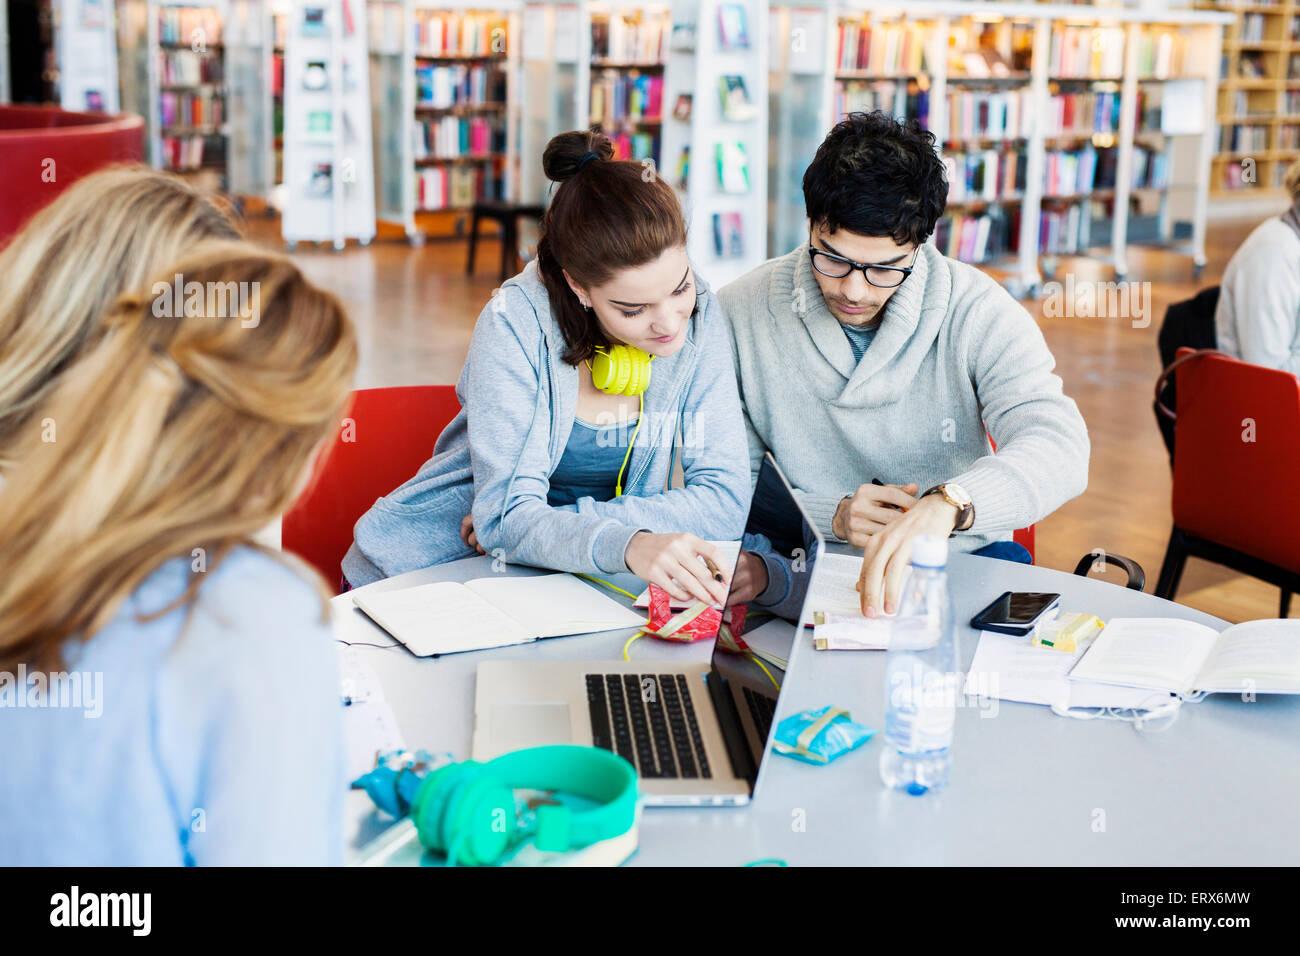 Multietnica amici discutendo note alla tabella nella libreria Immagini Stock